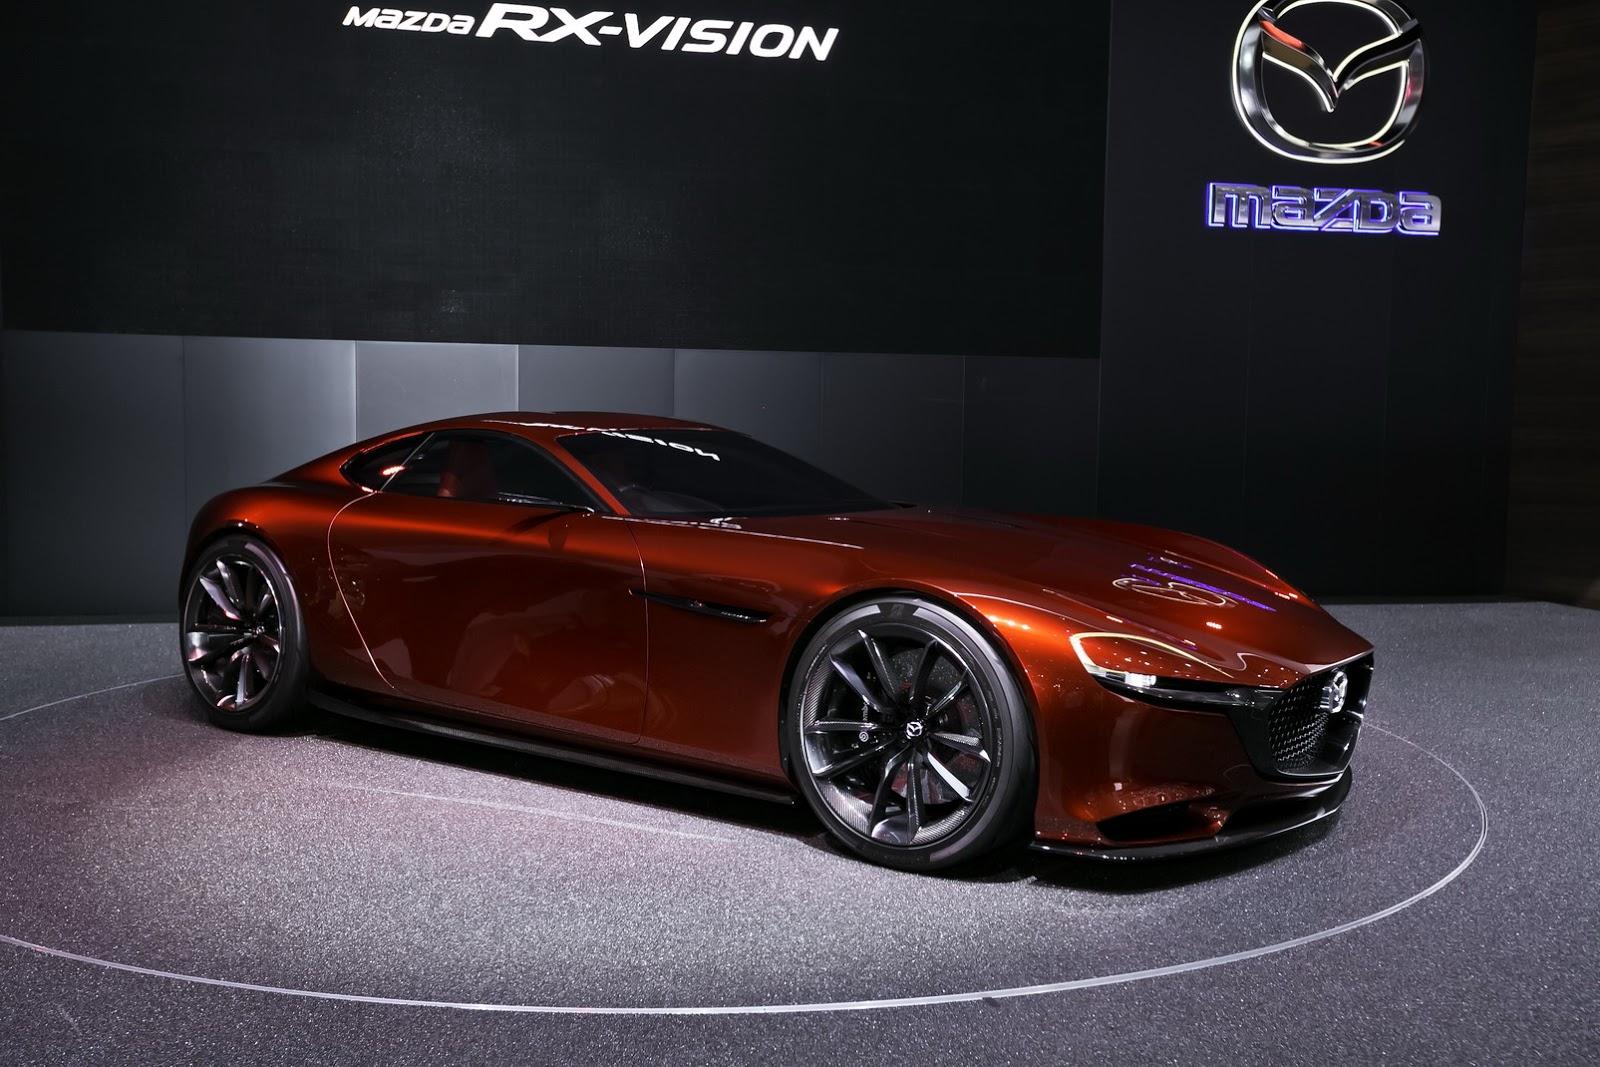 Mazda RX-Vision Concept có quá nhiều điểm bất hợp lý trong thiết kế?